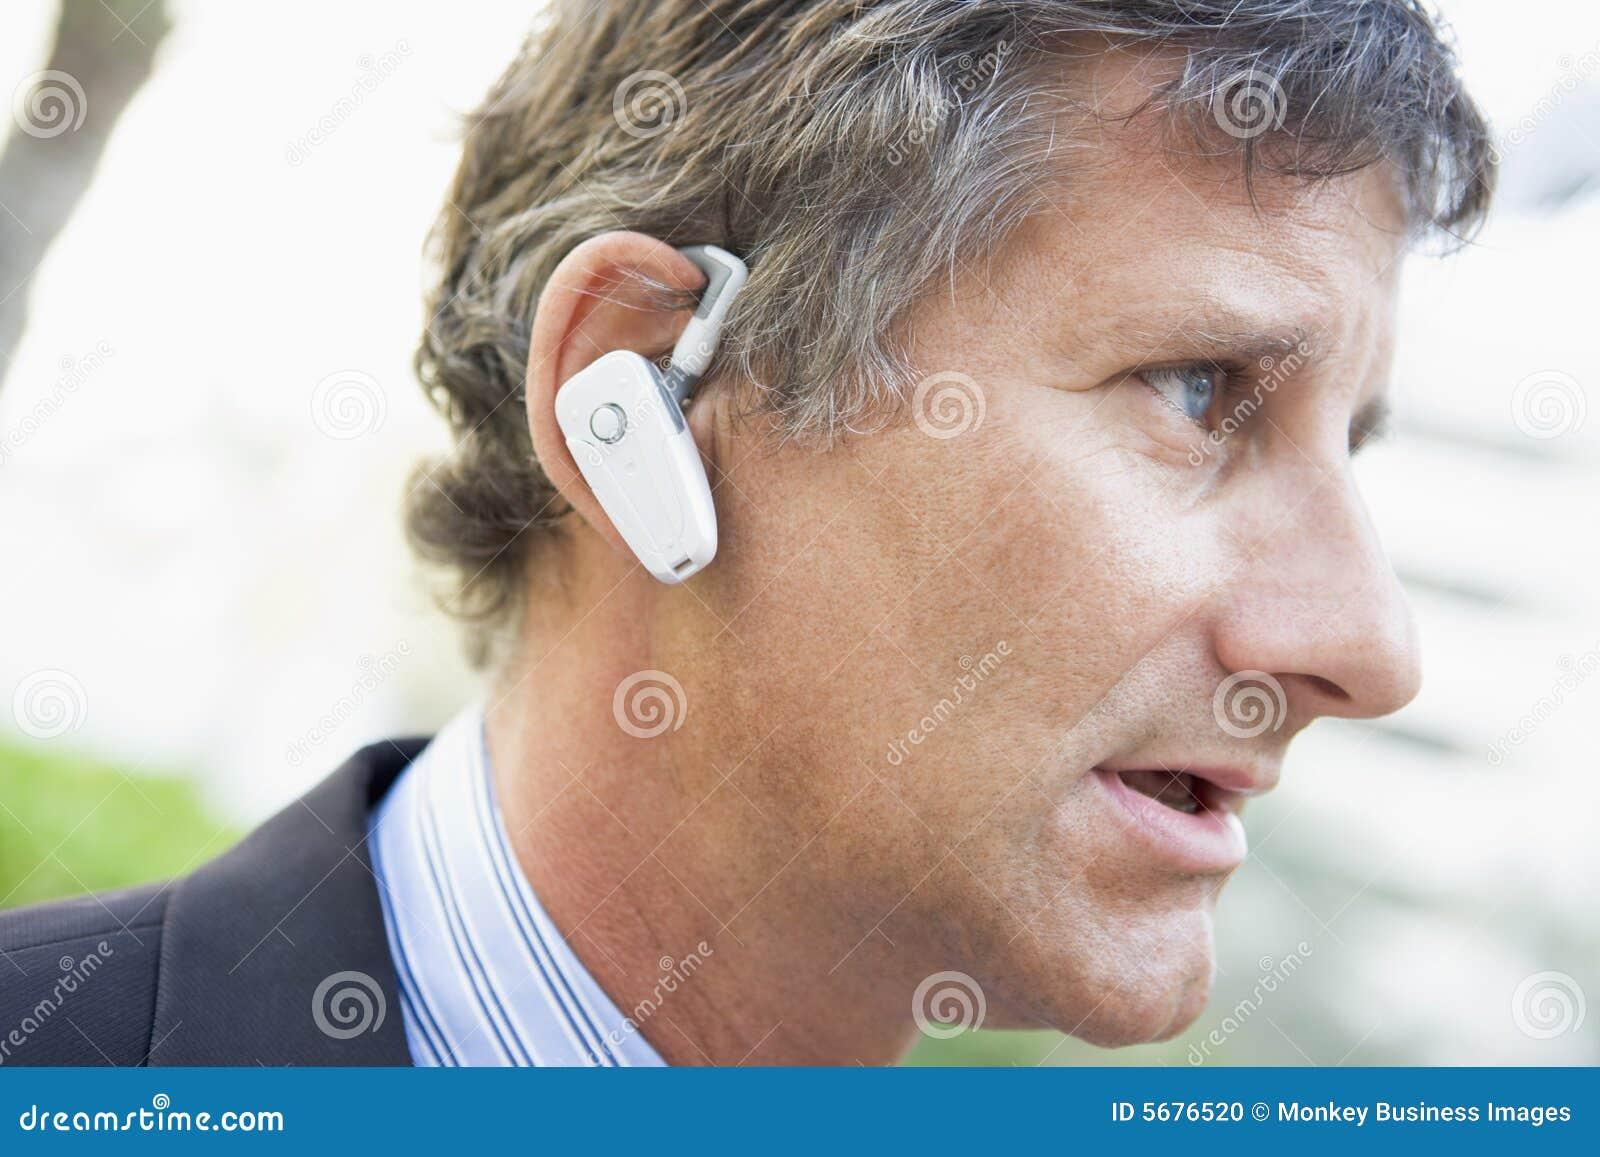 Fone de ouvido desgastando do homem de negócios ao ar livre